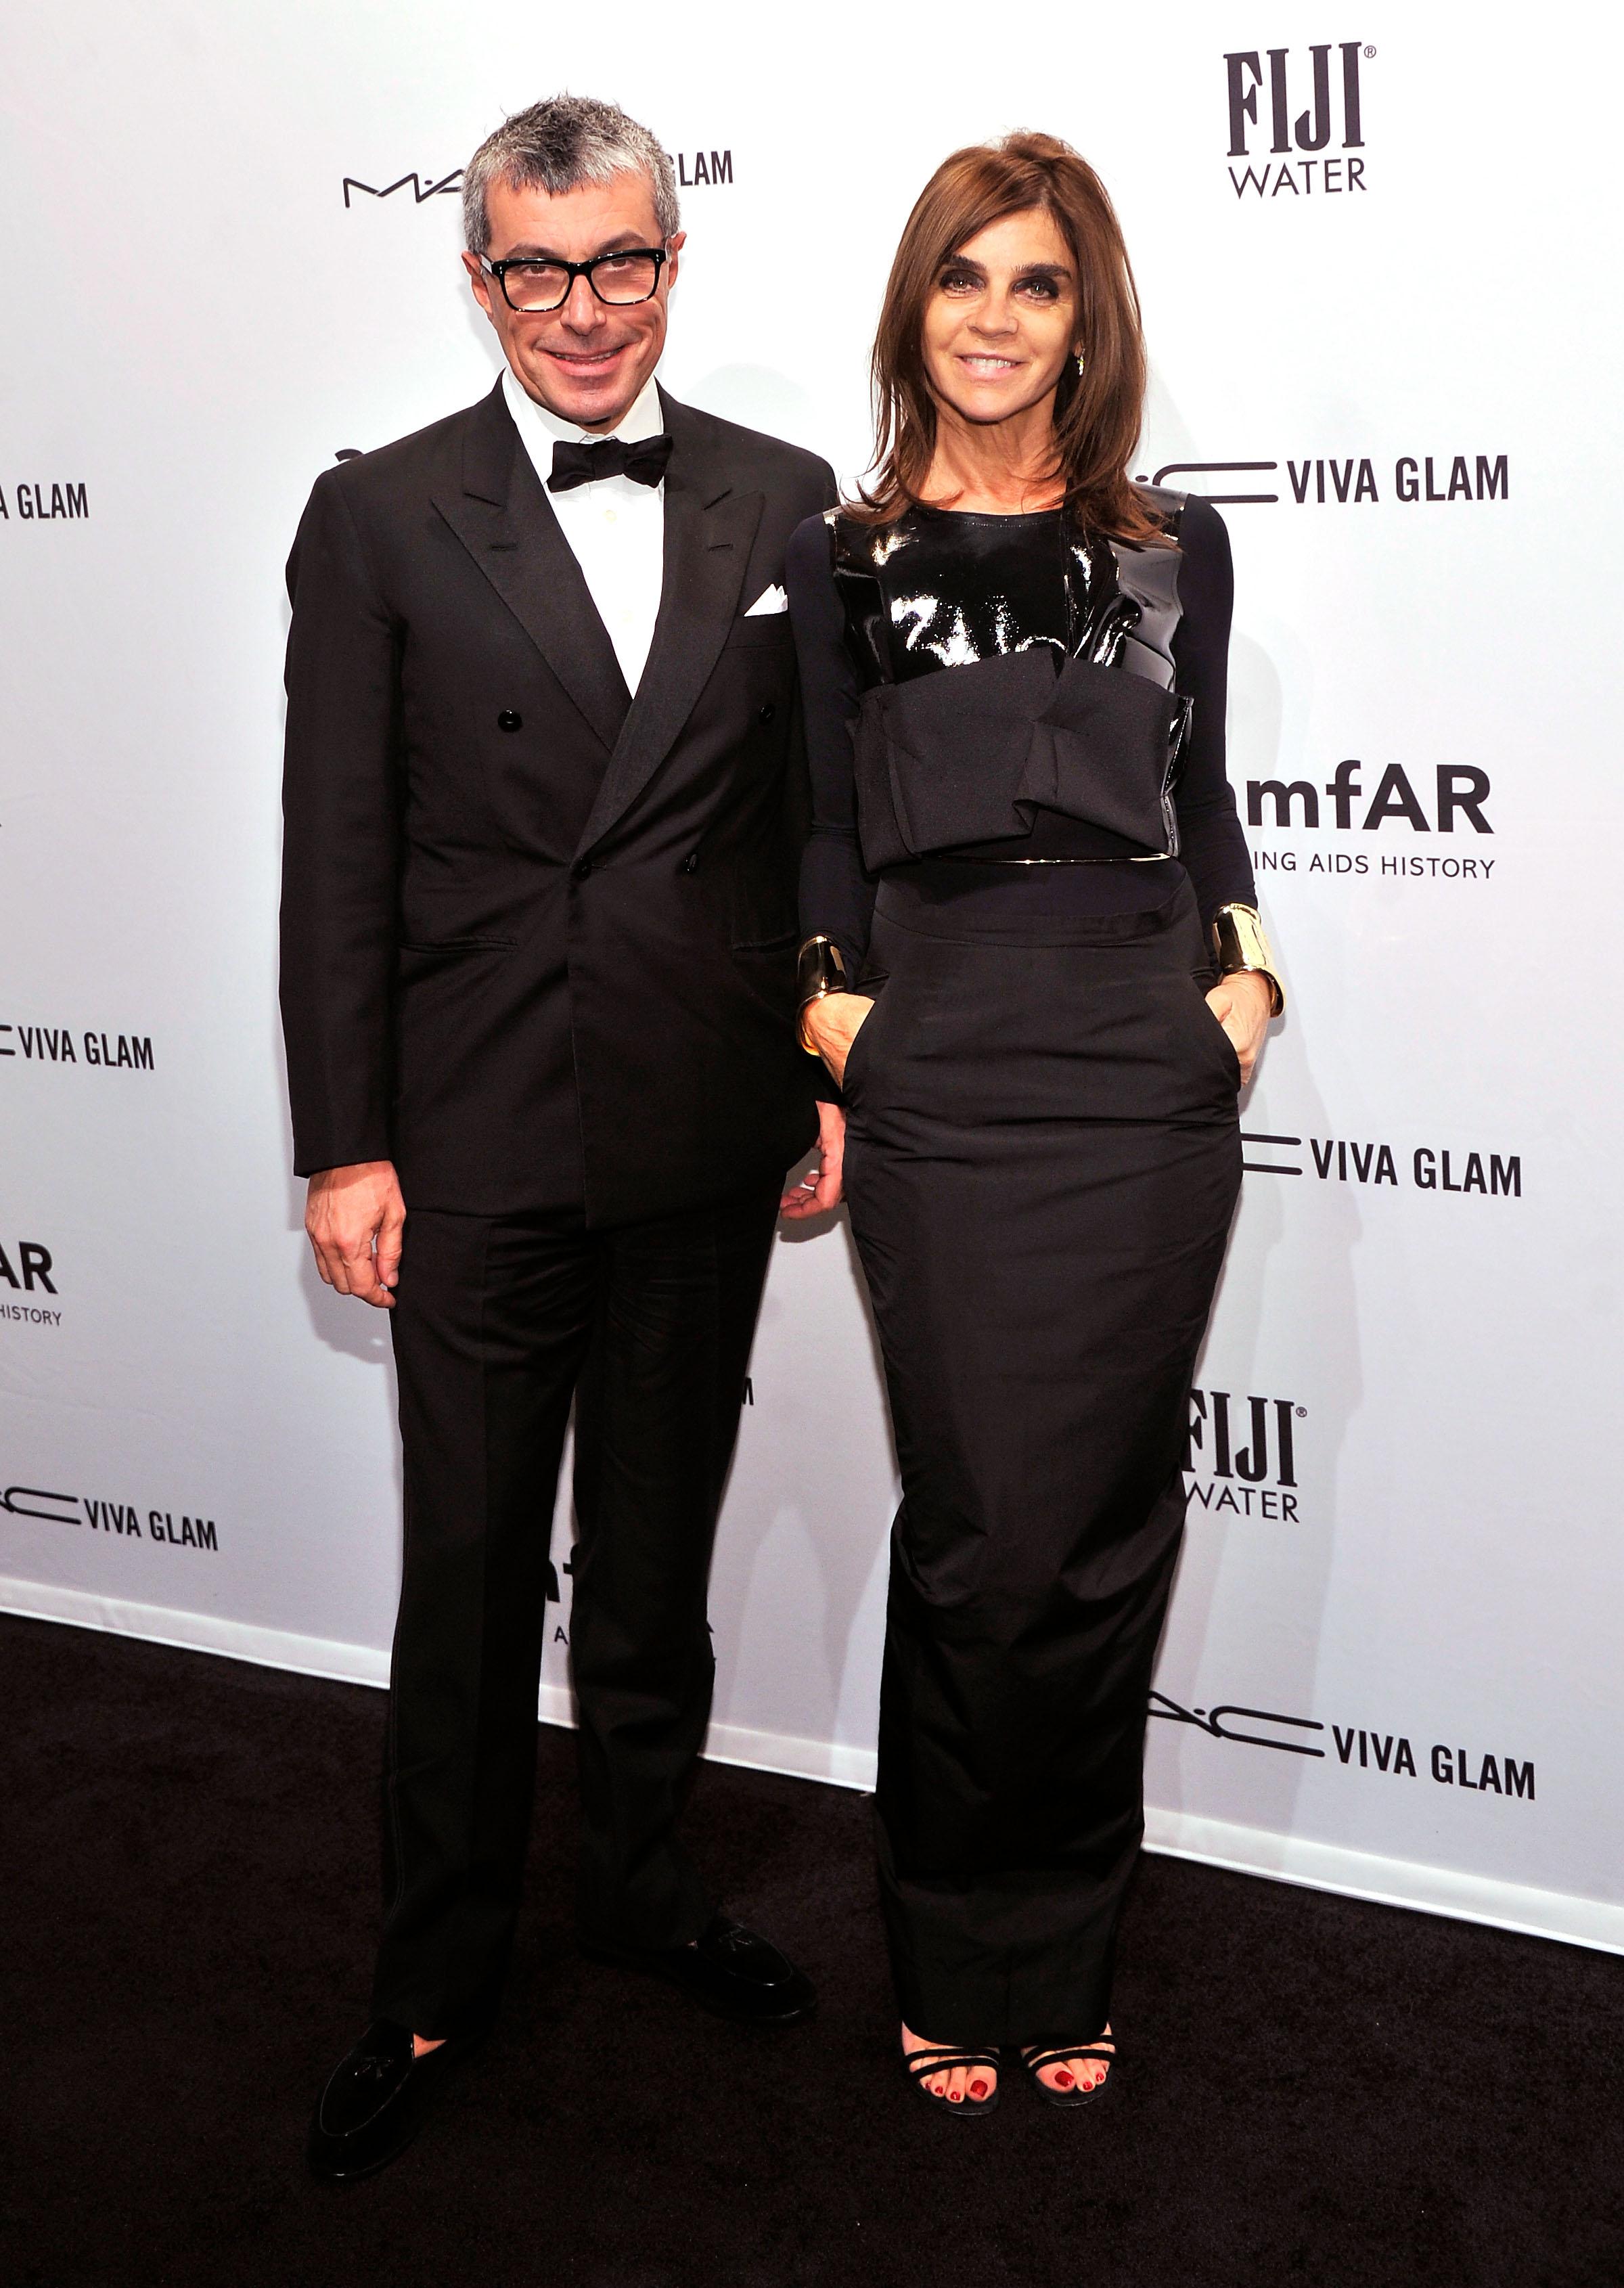 Giorgio Guidotti and Carine Roitfeld